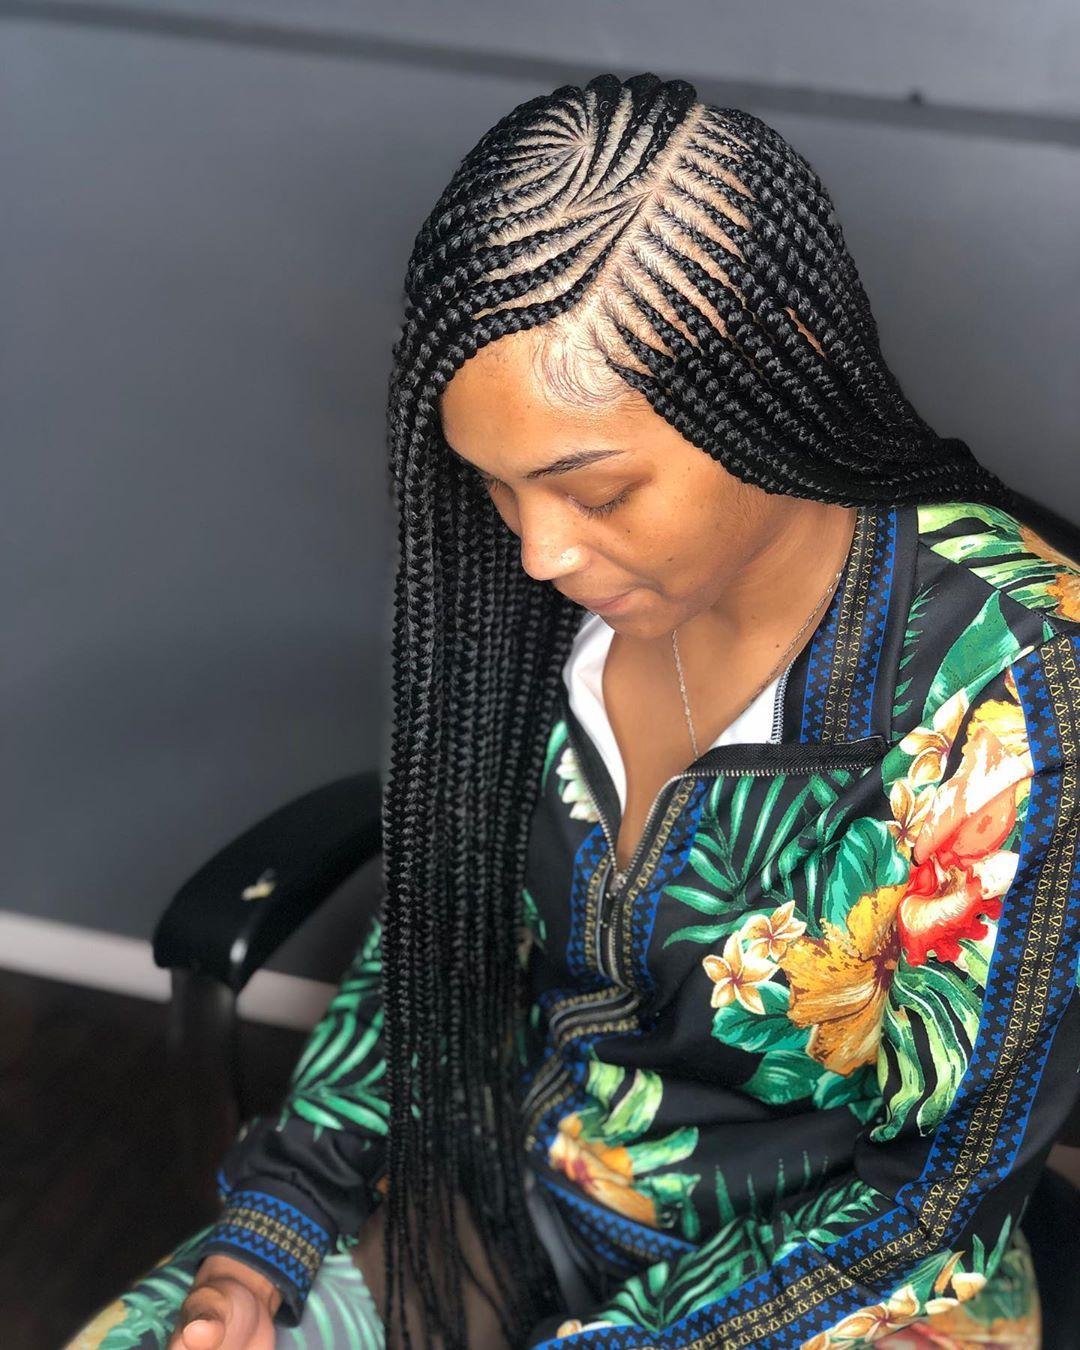 40+ Side part braids ideas in 2021